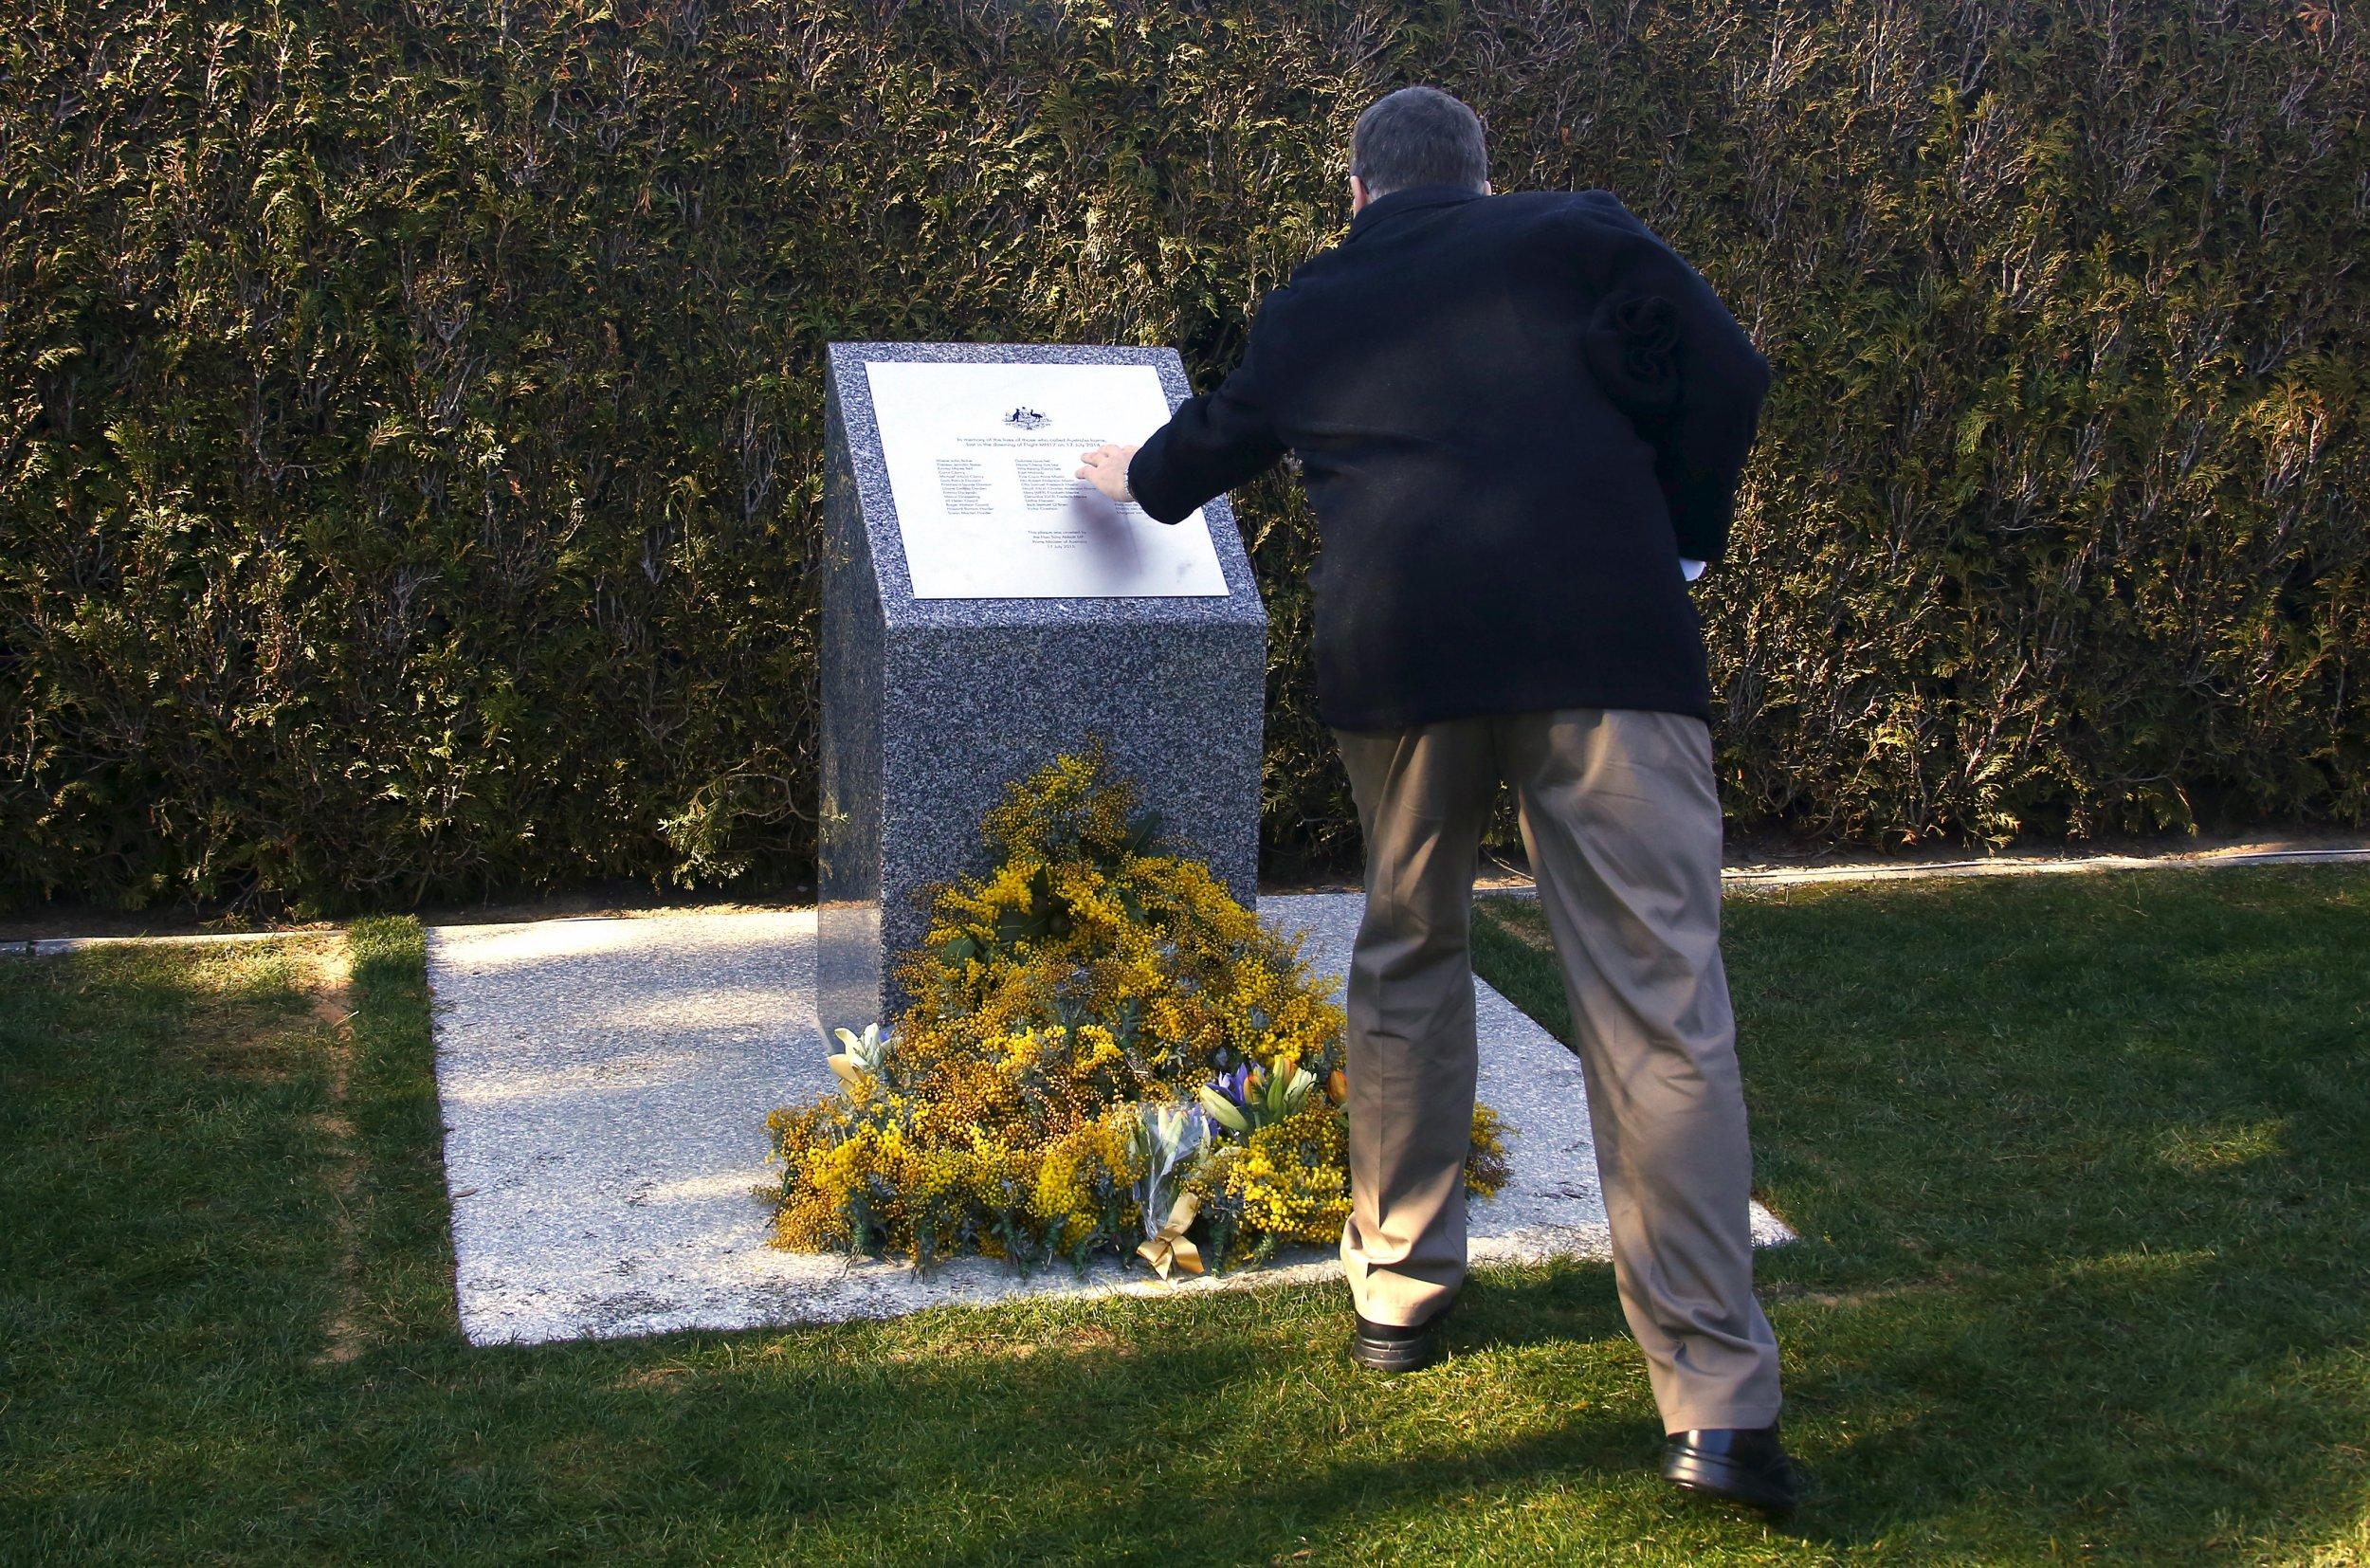 MH17 Memorial